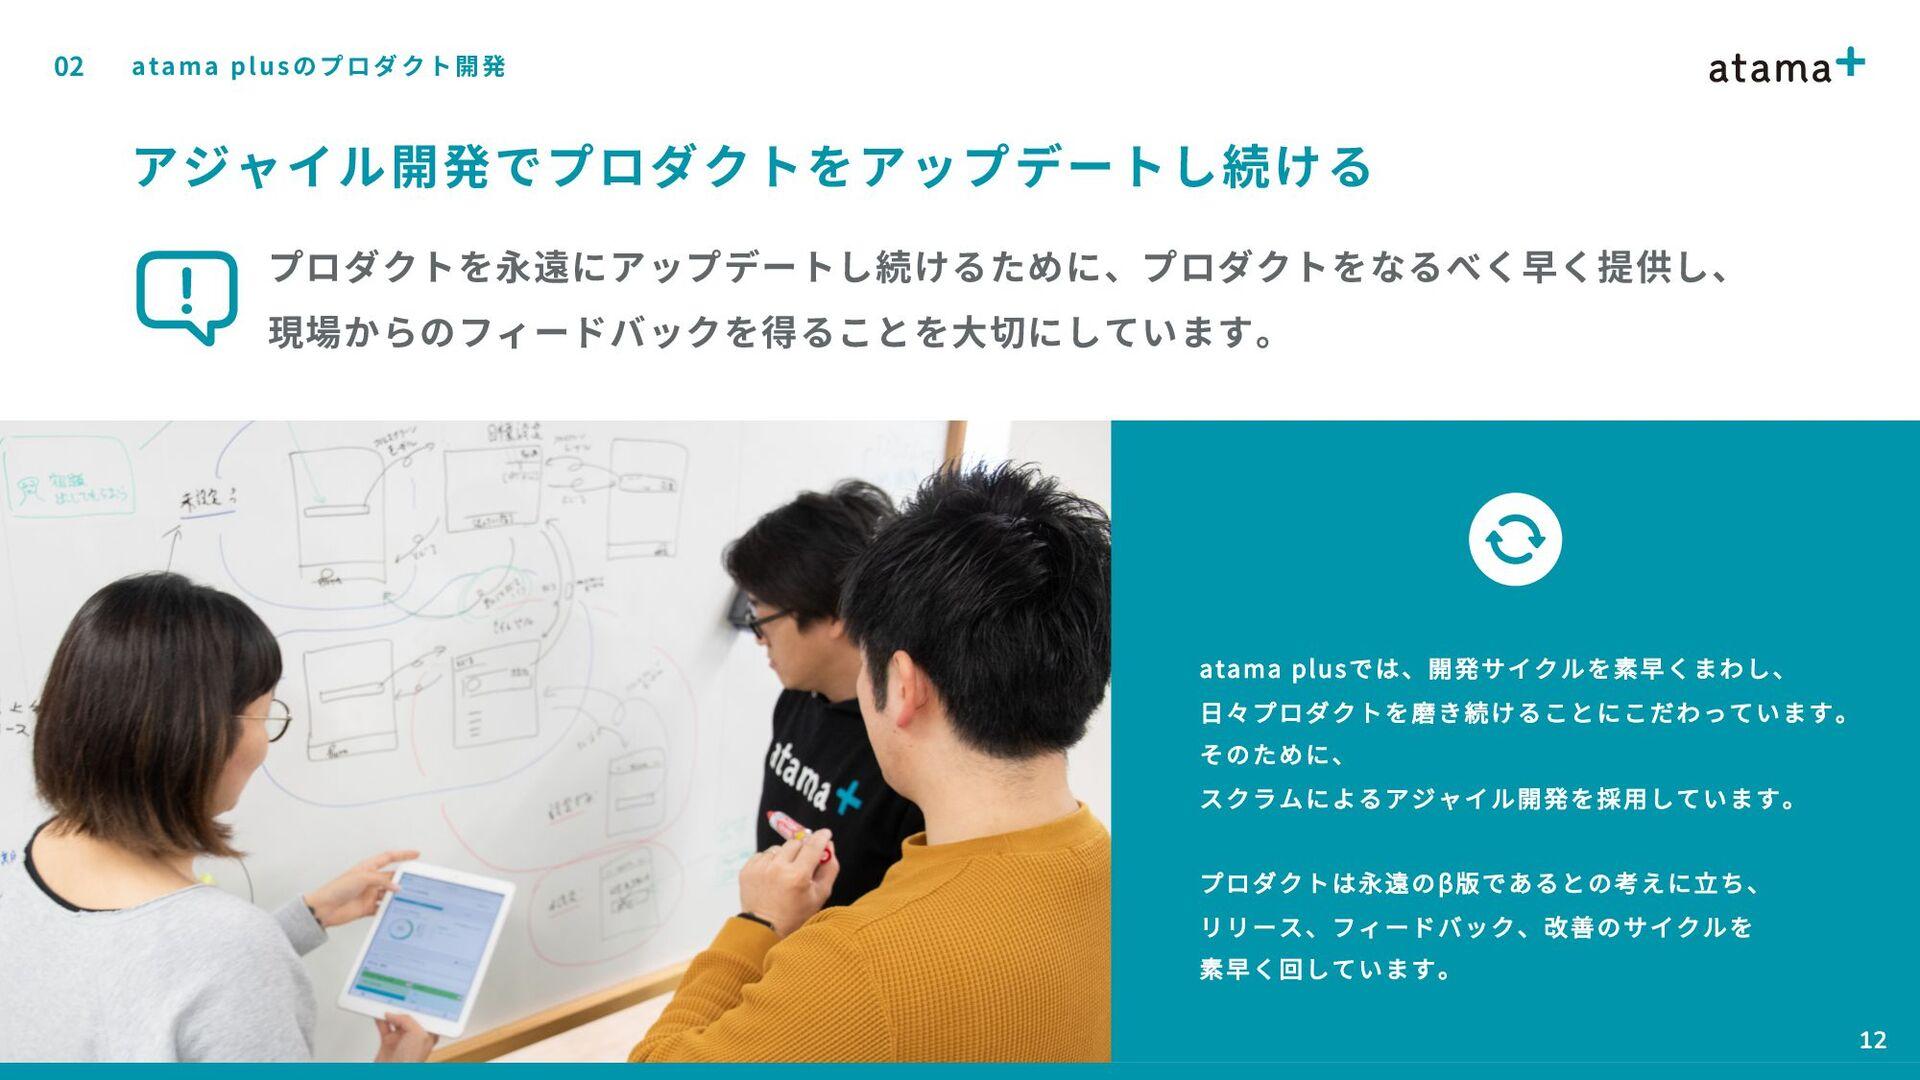 02 アジャイル開発でプロダクトをアップデートし続ける atama plusのプロダクト開発 ...